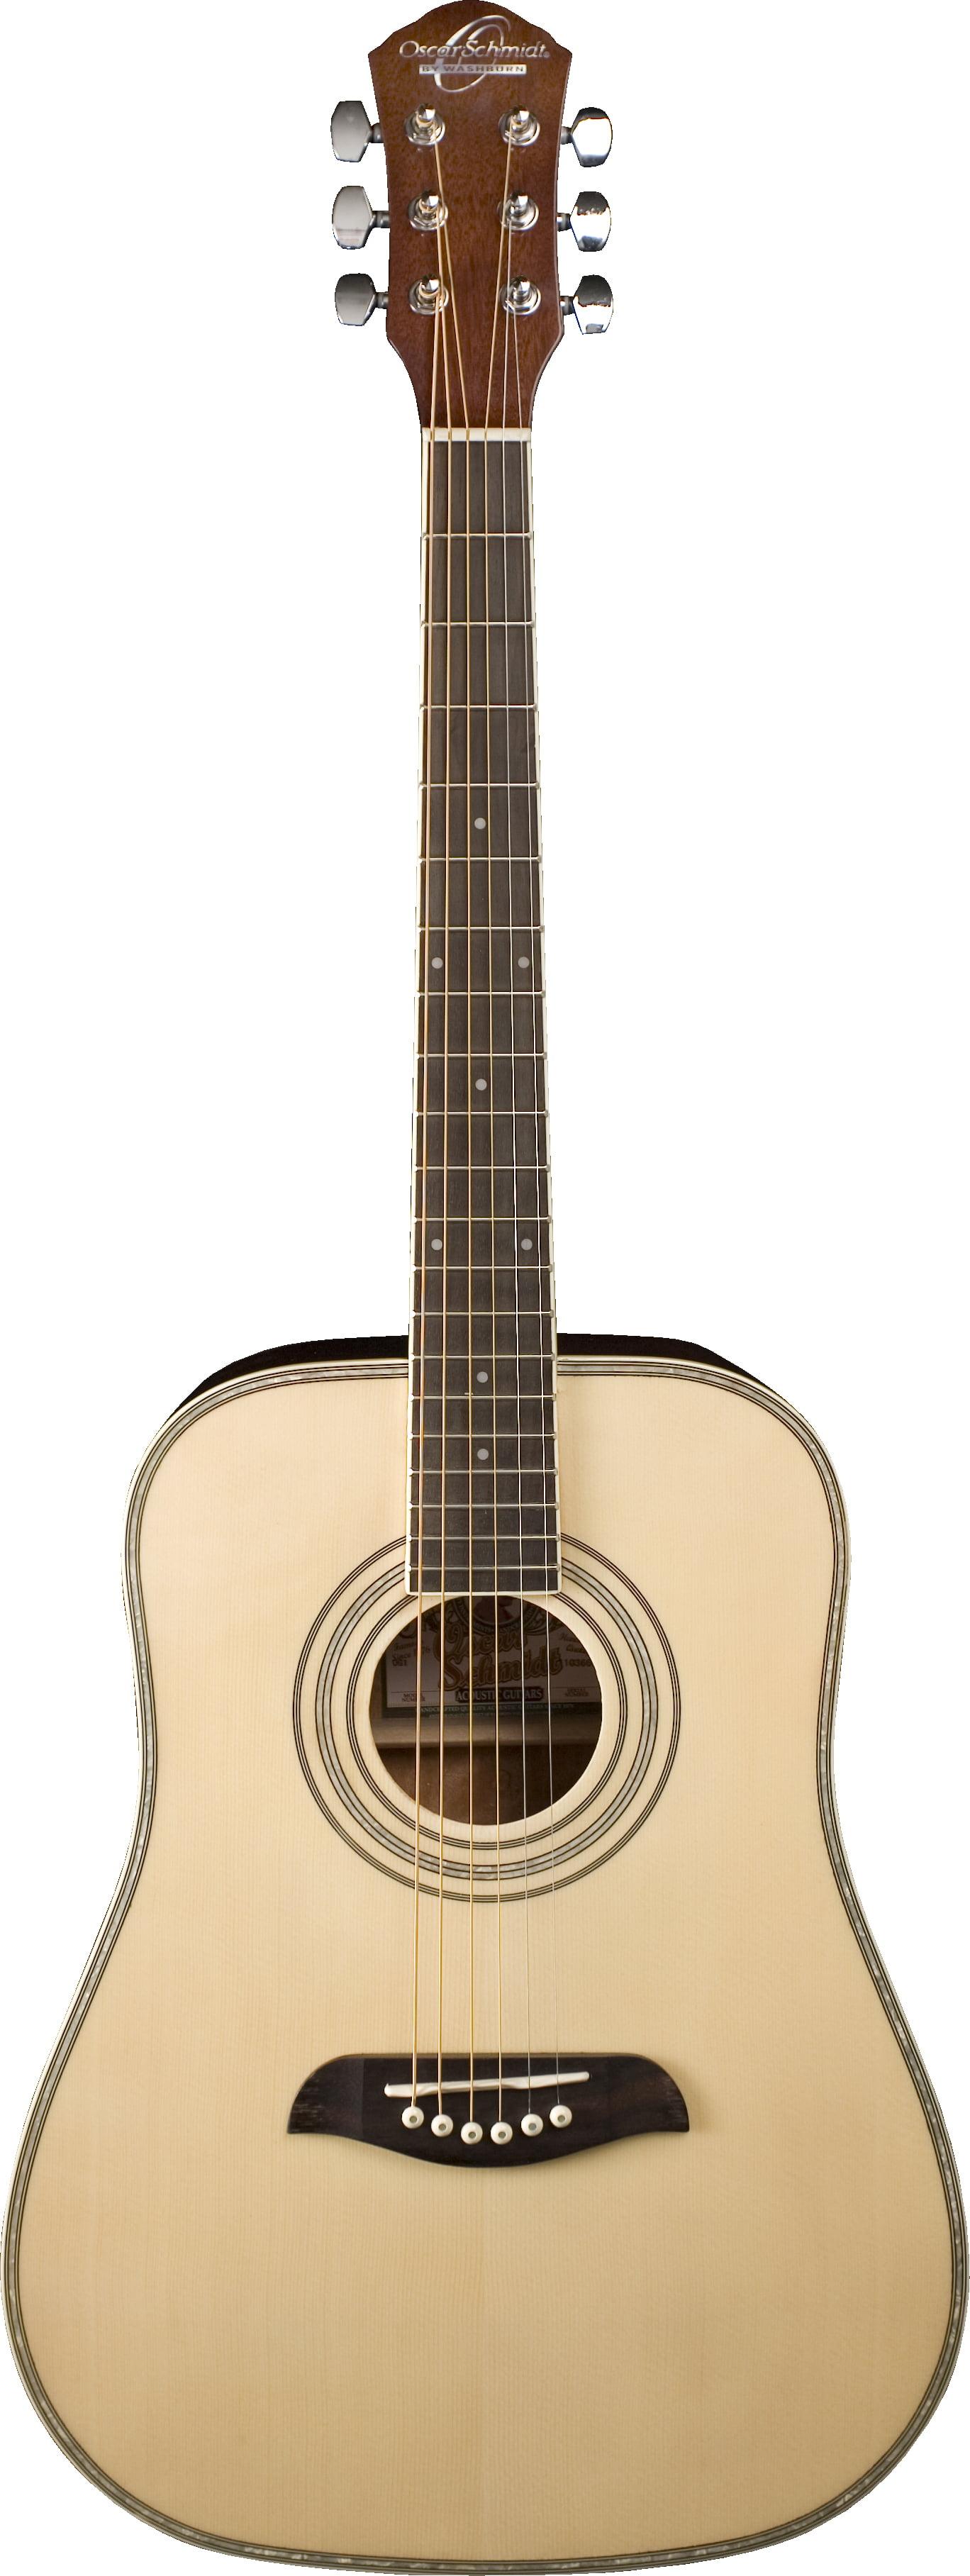 Oscar Schmidt OG1 3 4-Size Acoustic Guitar Natural by KMC Music